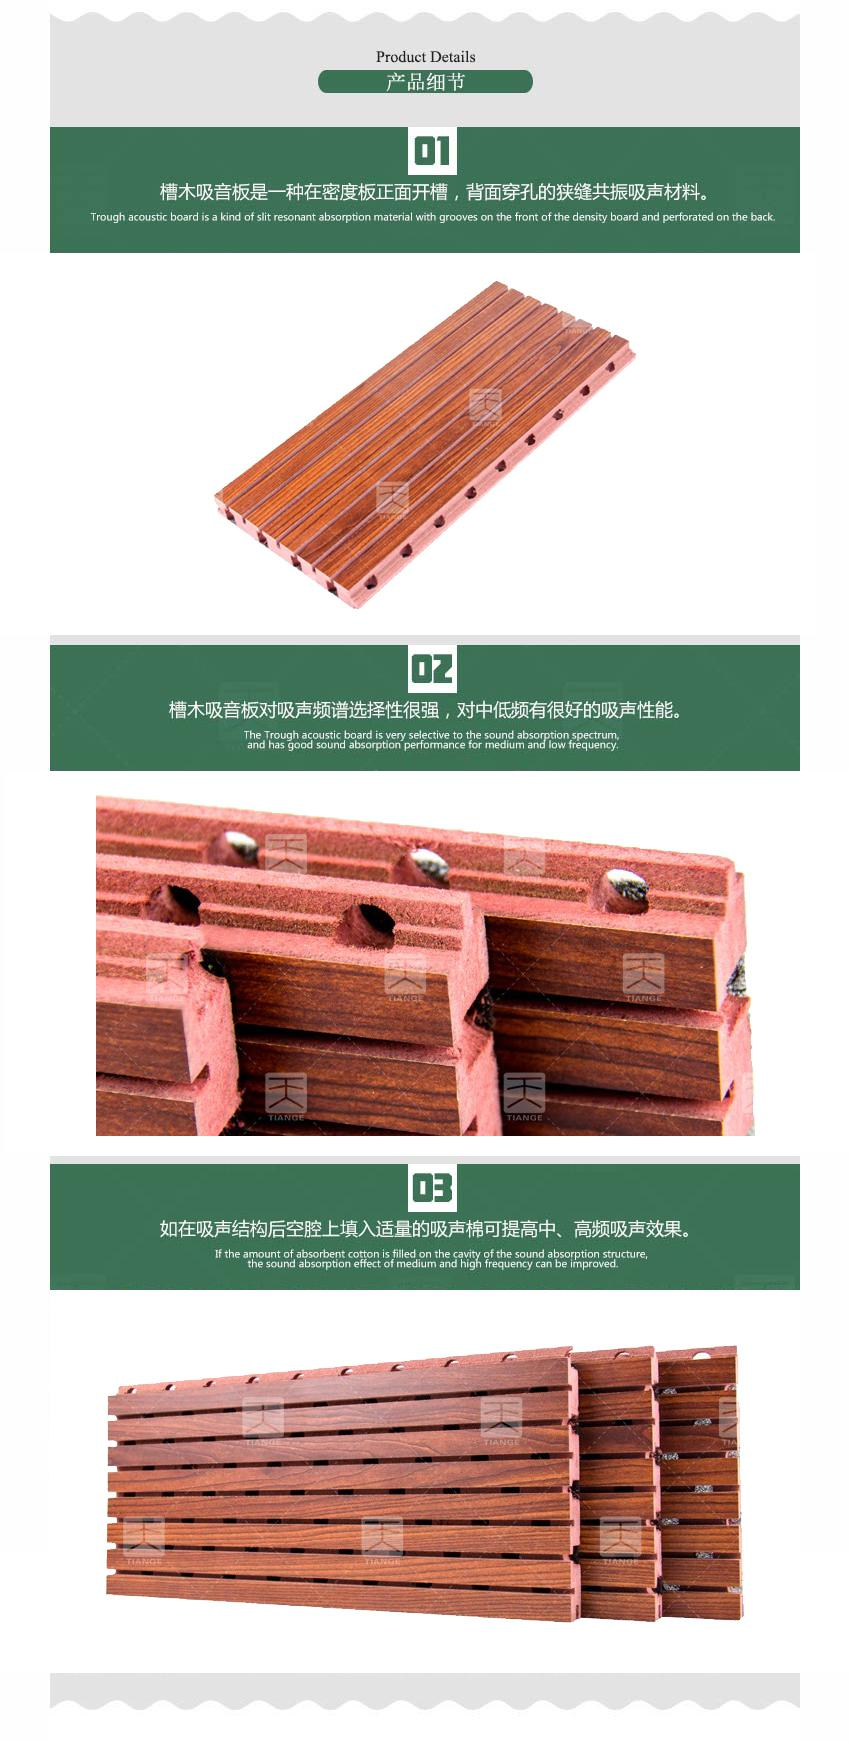 阻燃槽木吸音板产品细节